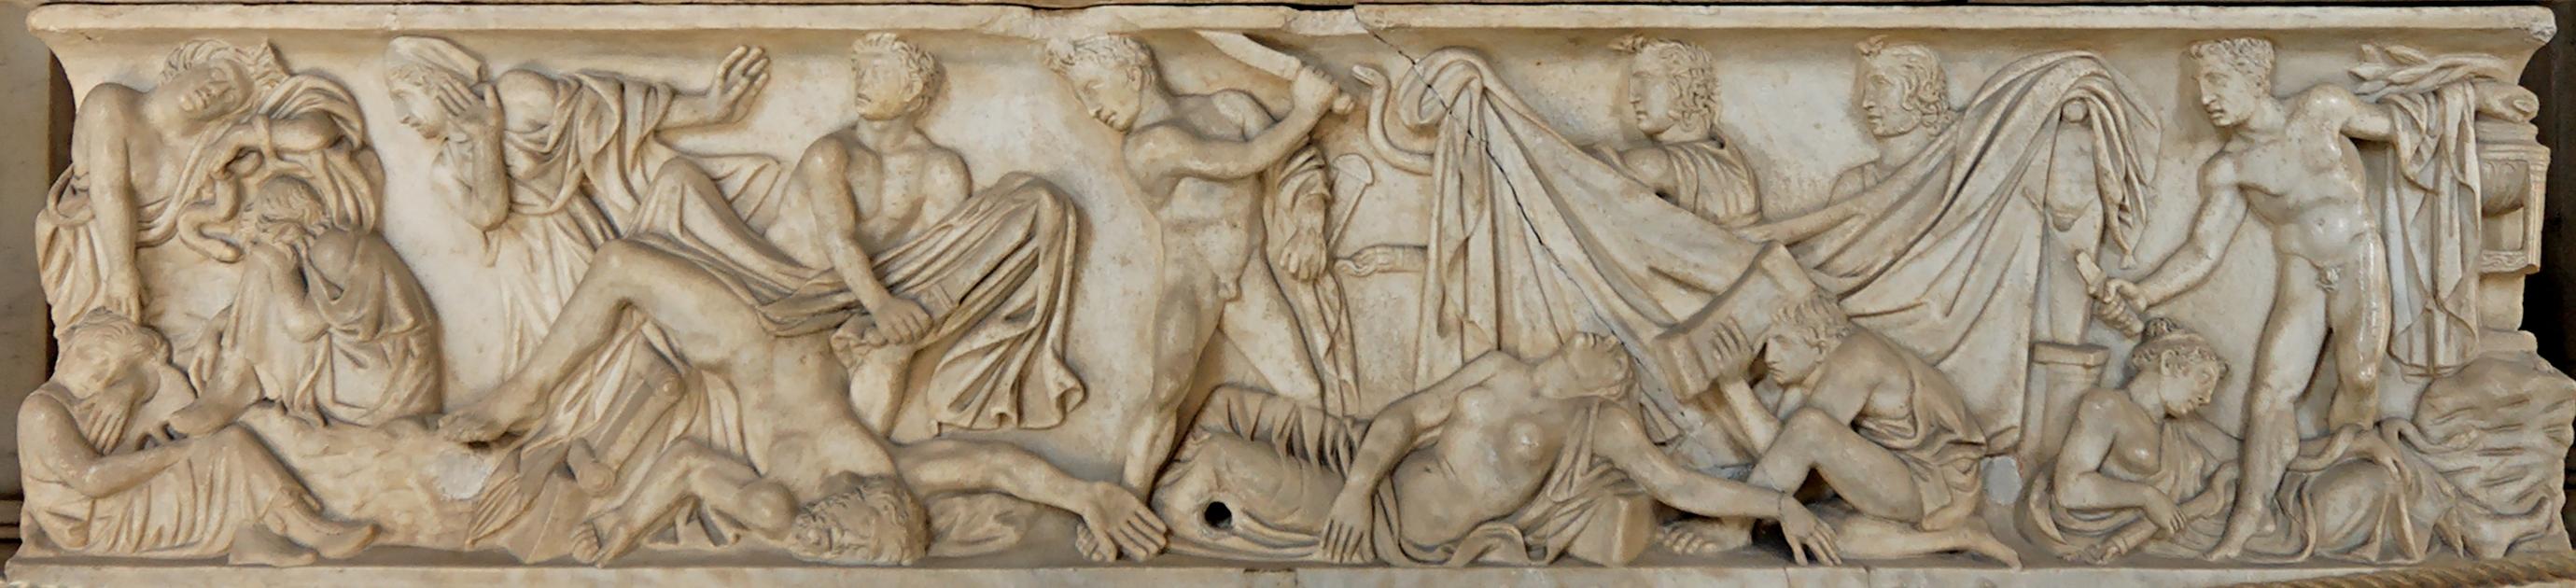 """L'Orestea di Eschilo ovvero """"La legge è uguale per tutti"""""""